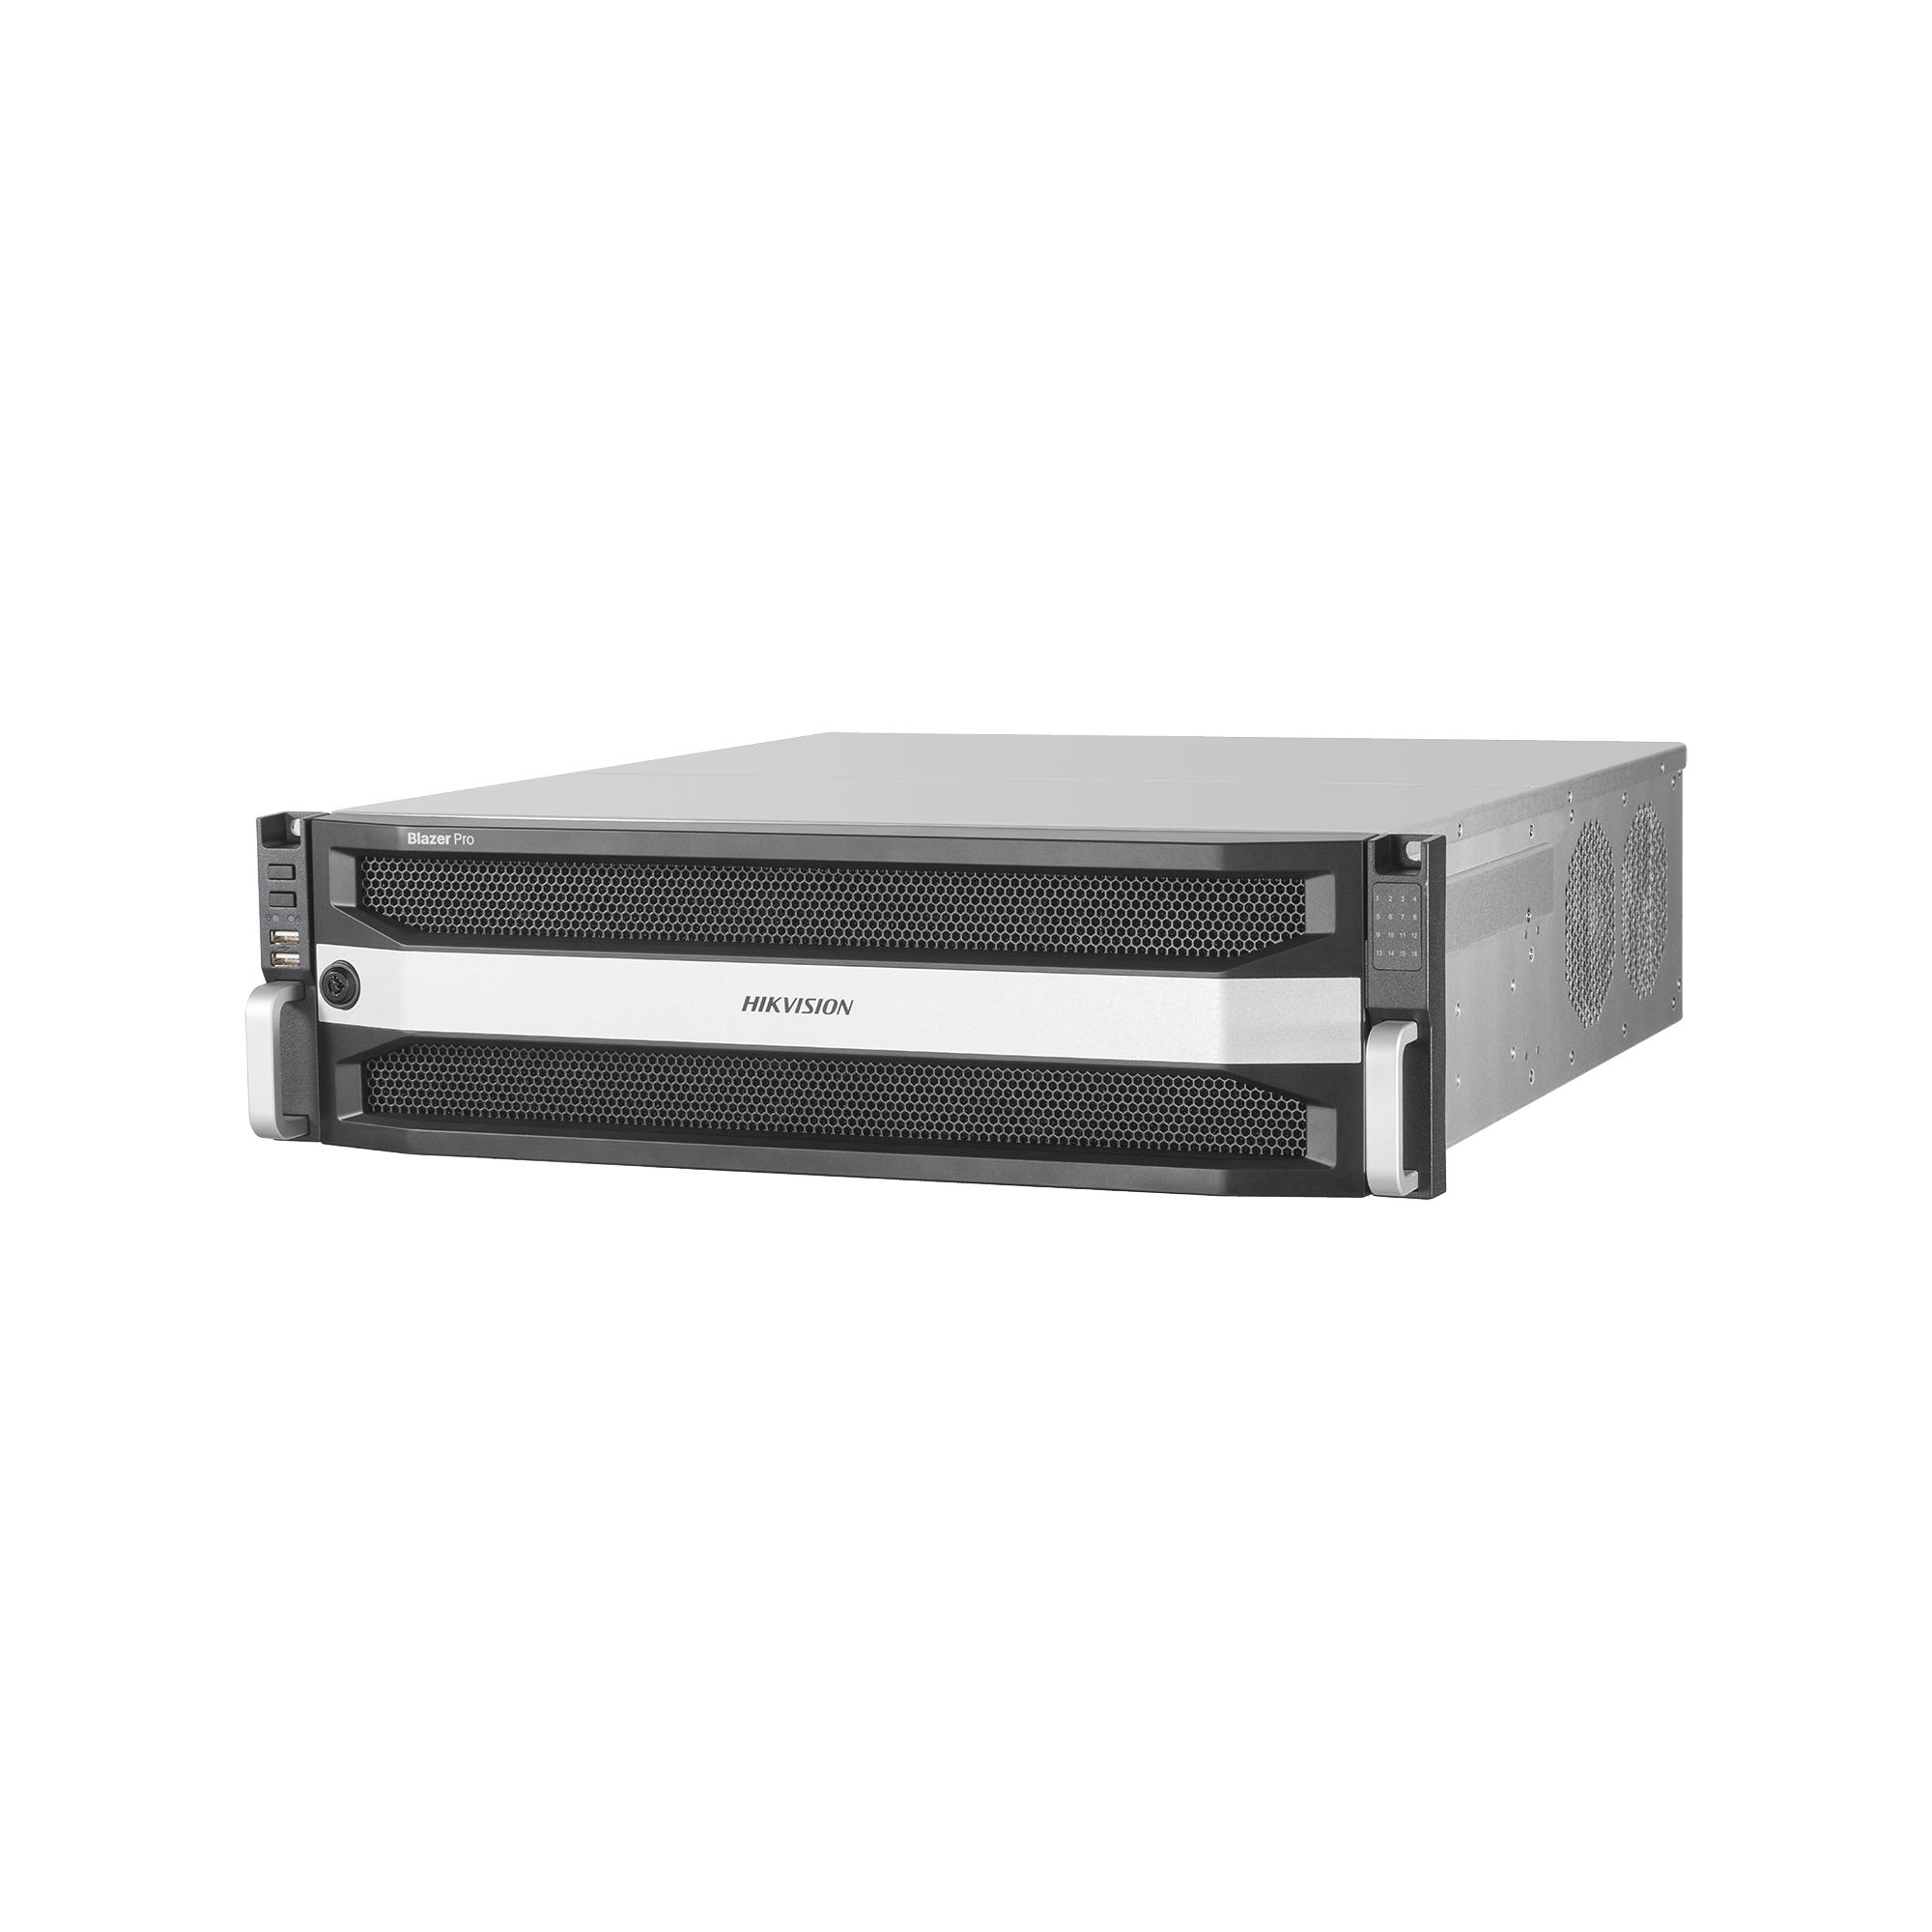 Servidor Todo en Uno / NVR de 128 canales IP / Version 2.0 / HIK-CENTRAL / Windows 10 / 16 Bahias de Disco Duro